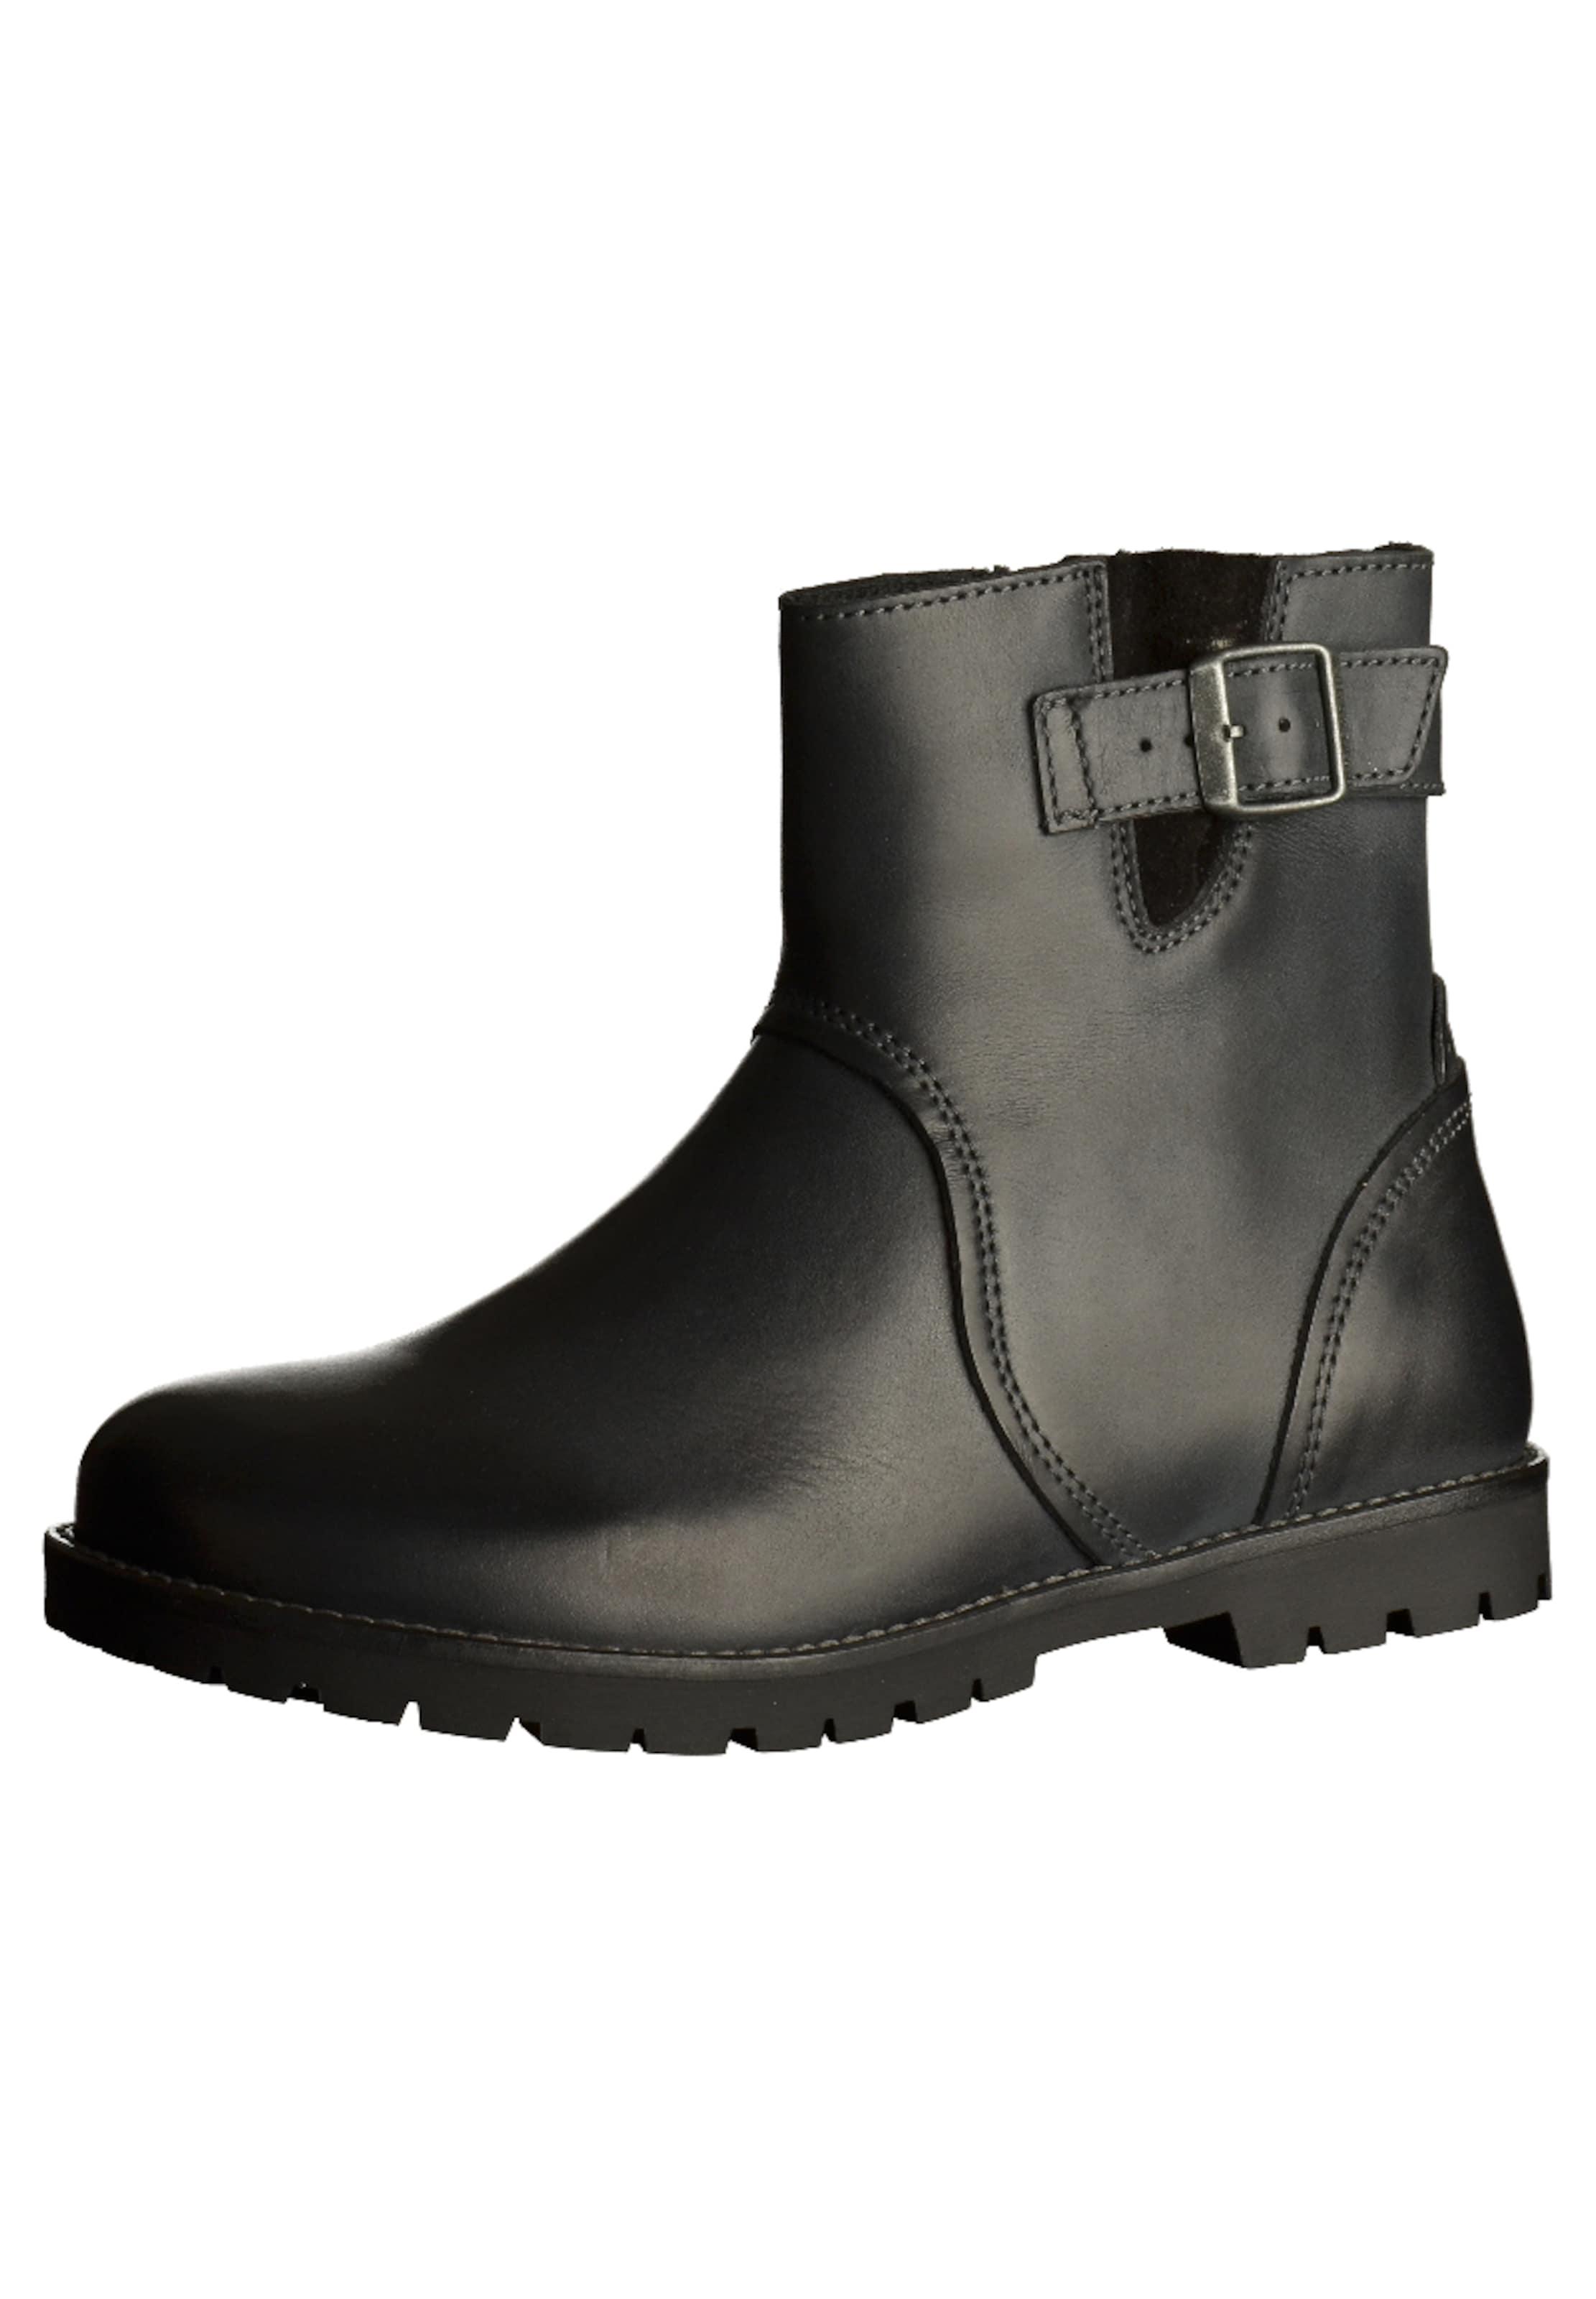 BIRKENSTOCK Stiefelette Stowe Günstige und langlebige Schuhe